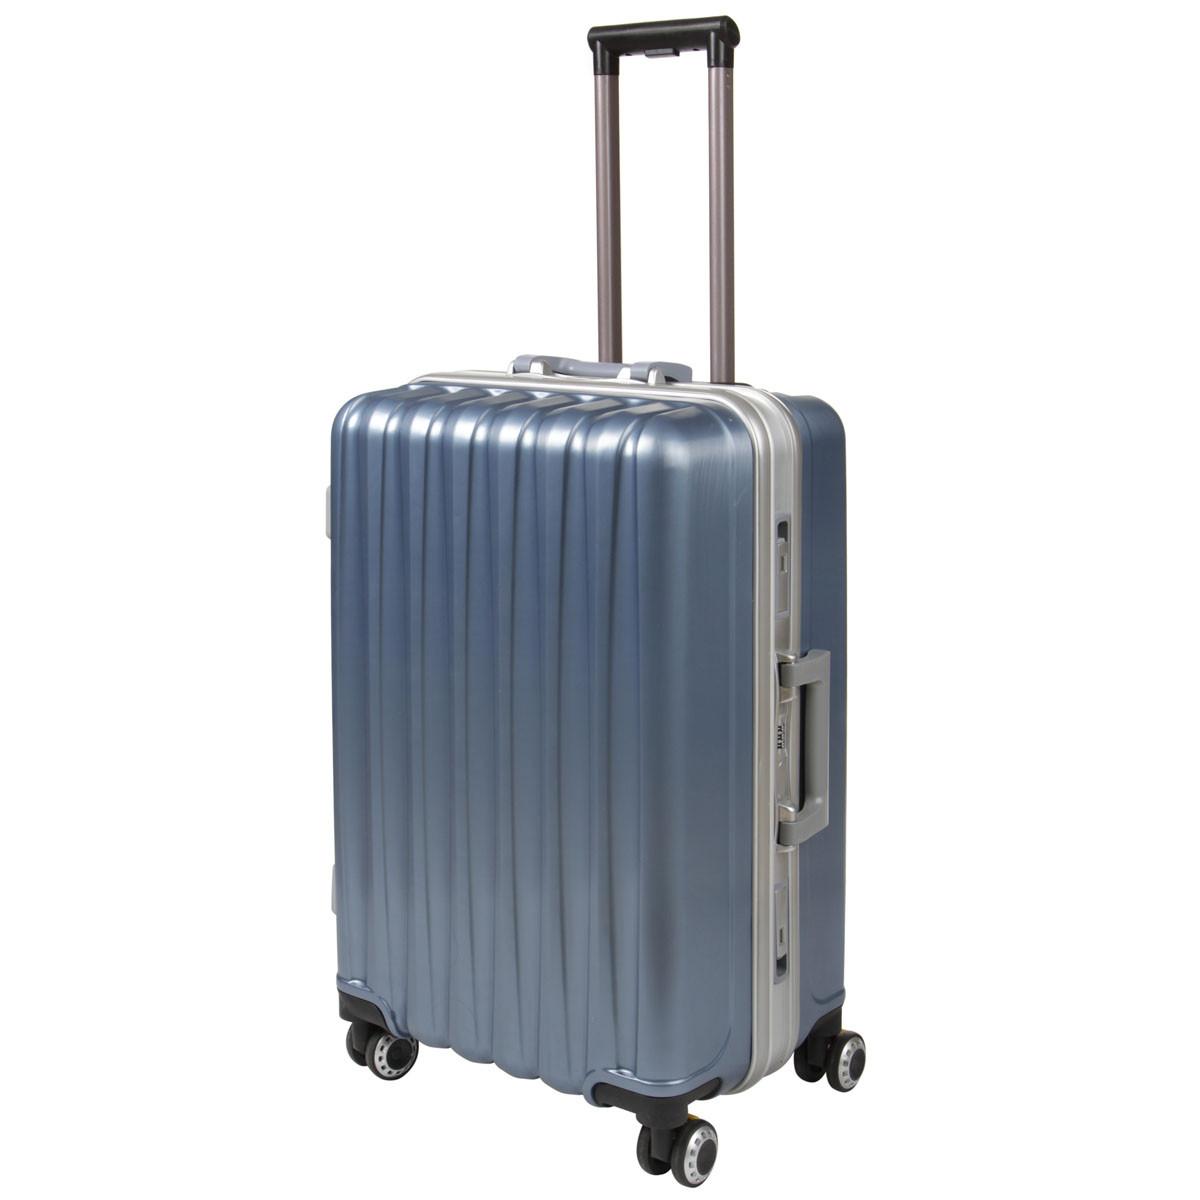 Чемодан BagHouse большой 4 колеса цвет серебристо-голубой 43х61х30 кс325бгол